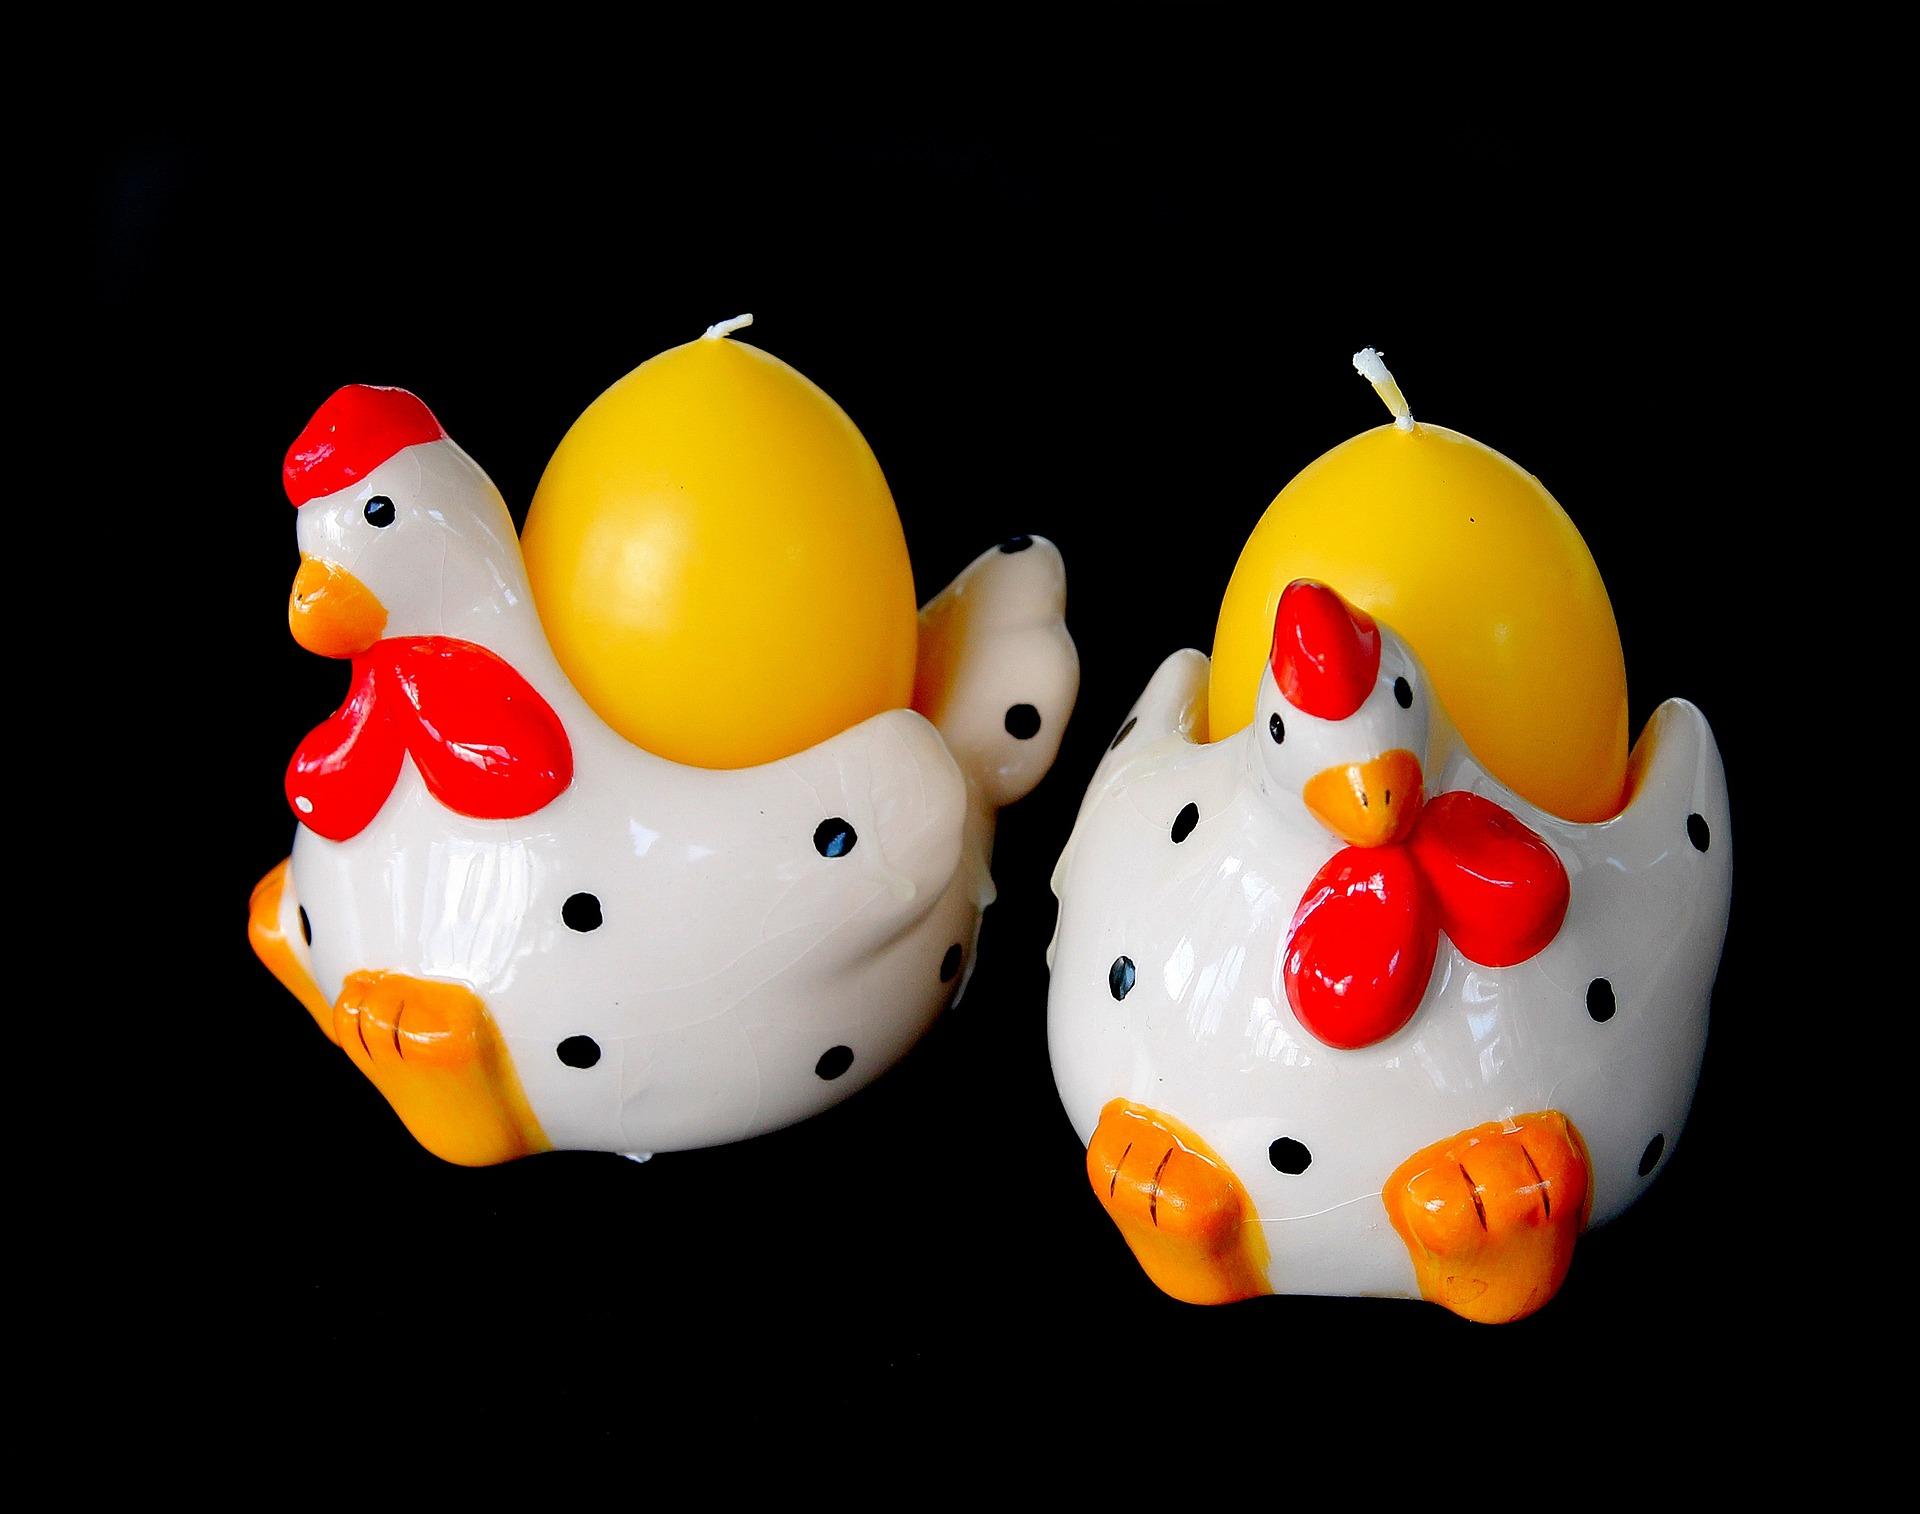 会社の鶏として卵を産み続けていることに気づかないサラリーマンたち